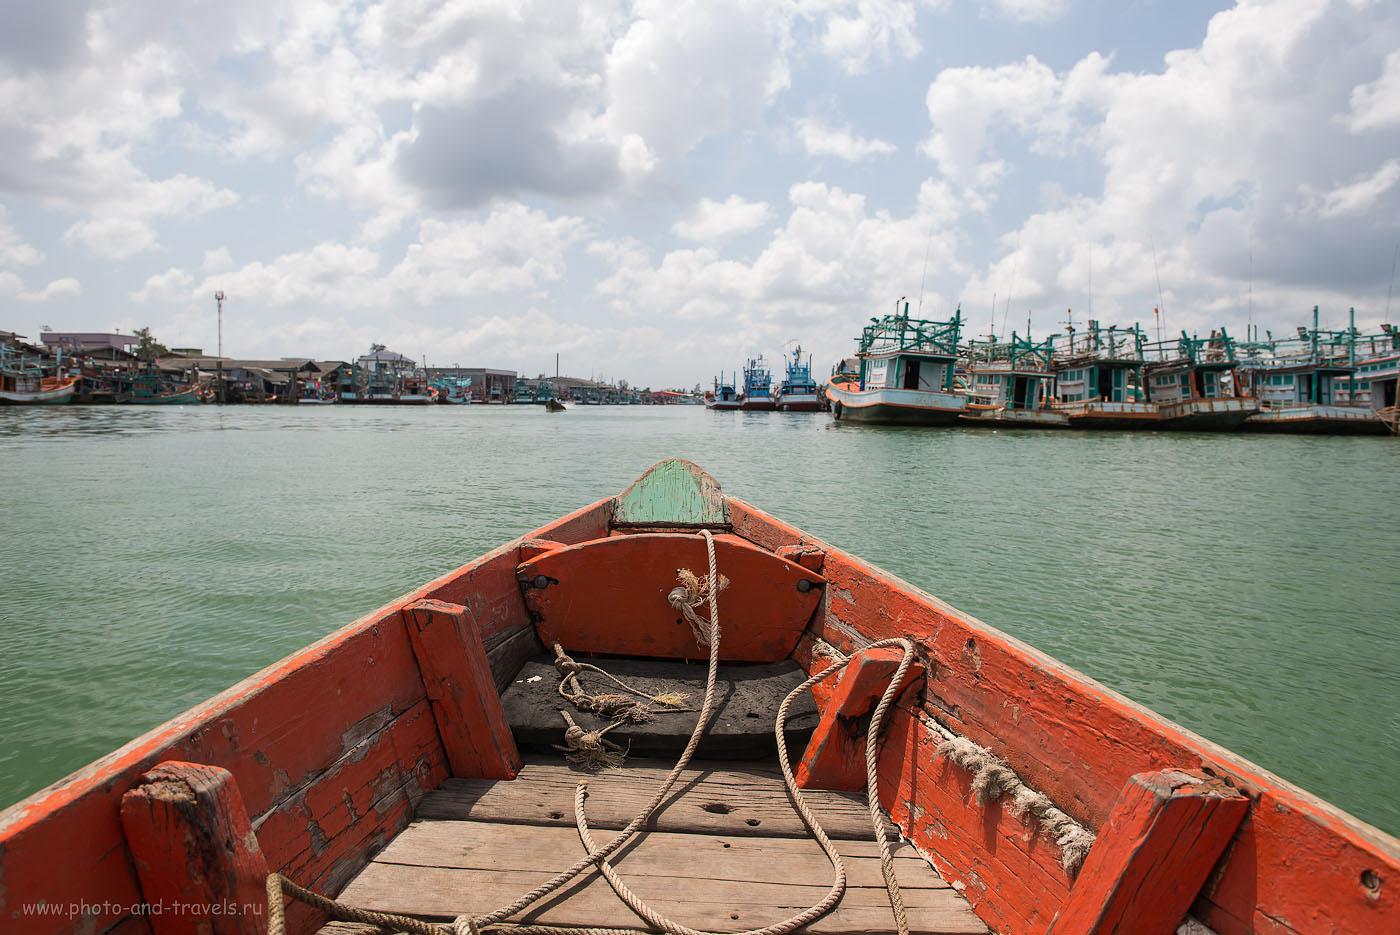 Фото 21. На большой реке. Отчет о самостоятельной поездке по Таиланду на машине (320, 24, 8.0, 1/300)